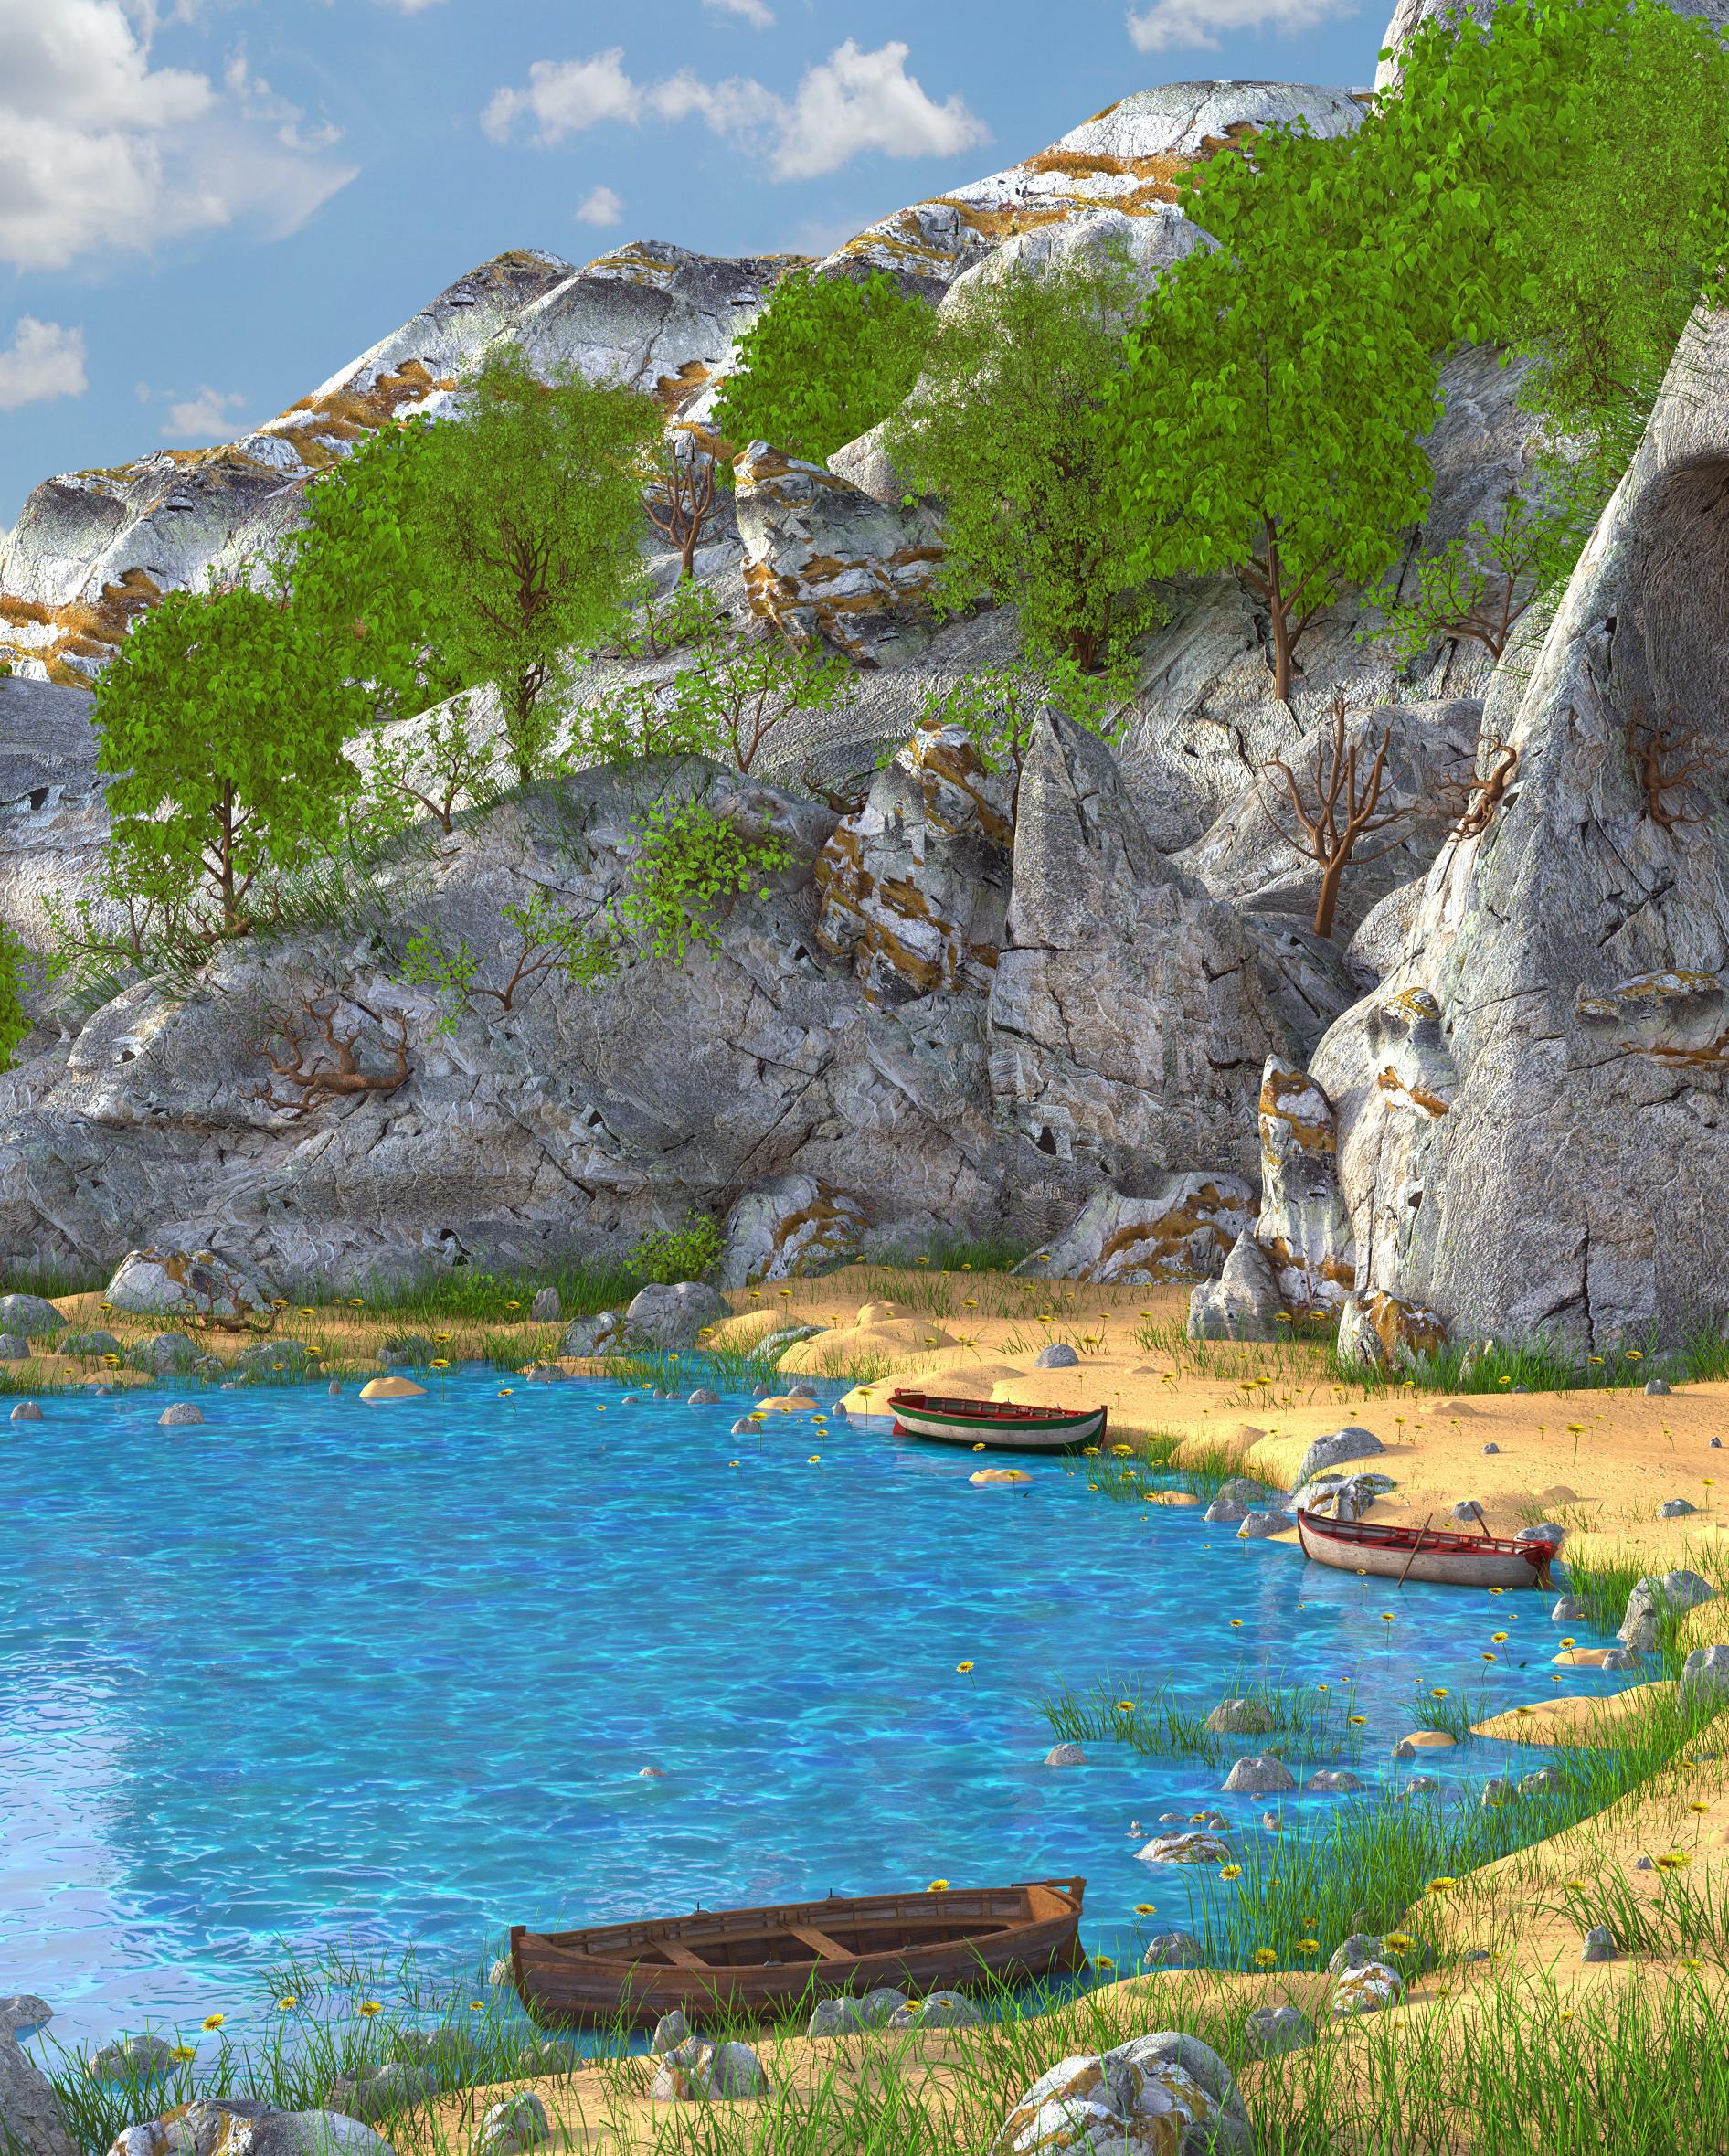 Marc mons cave4